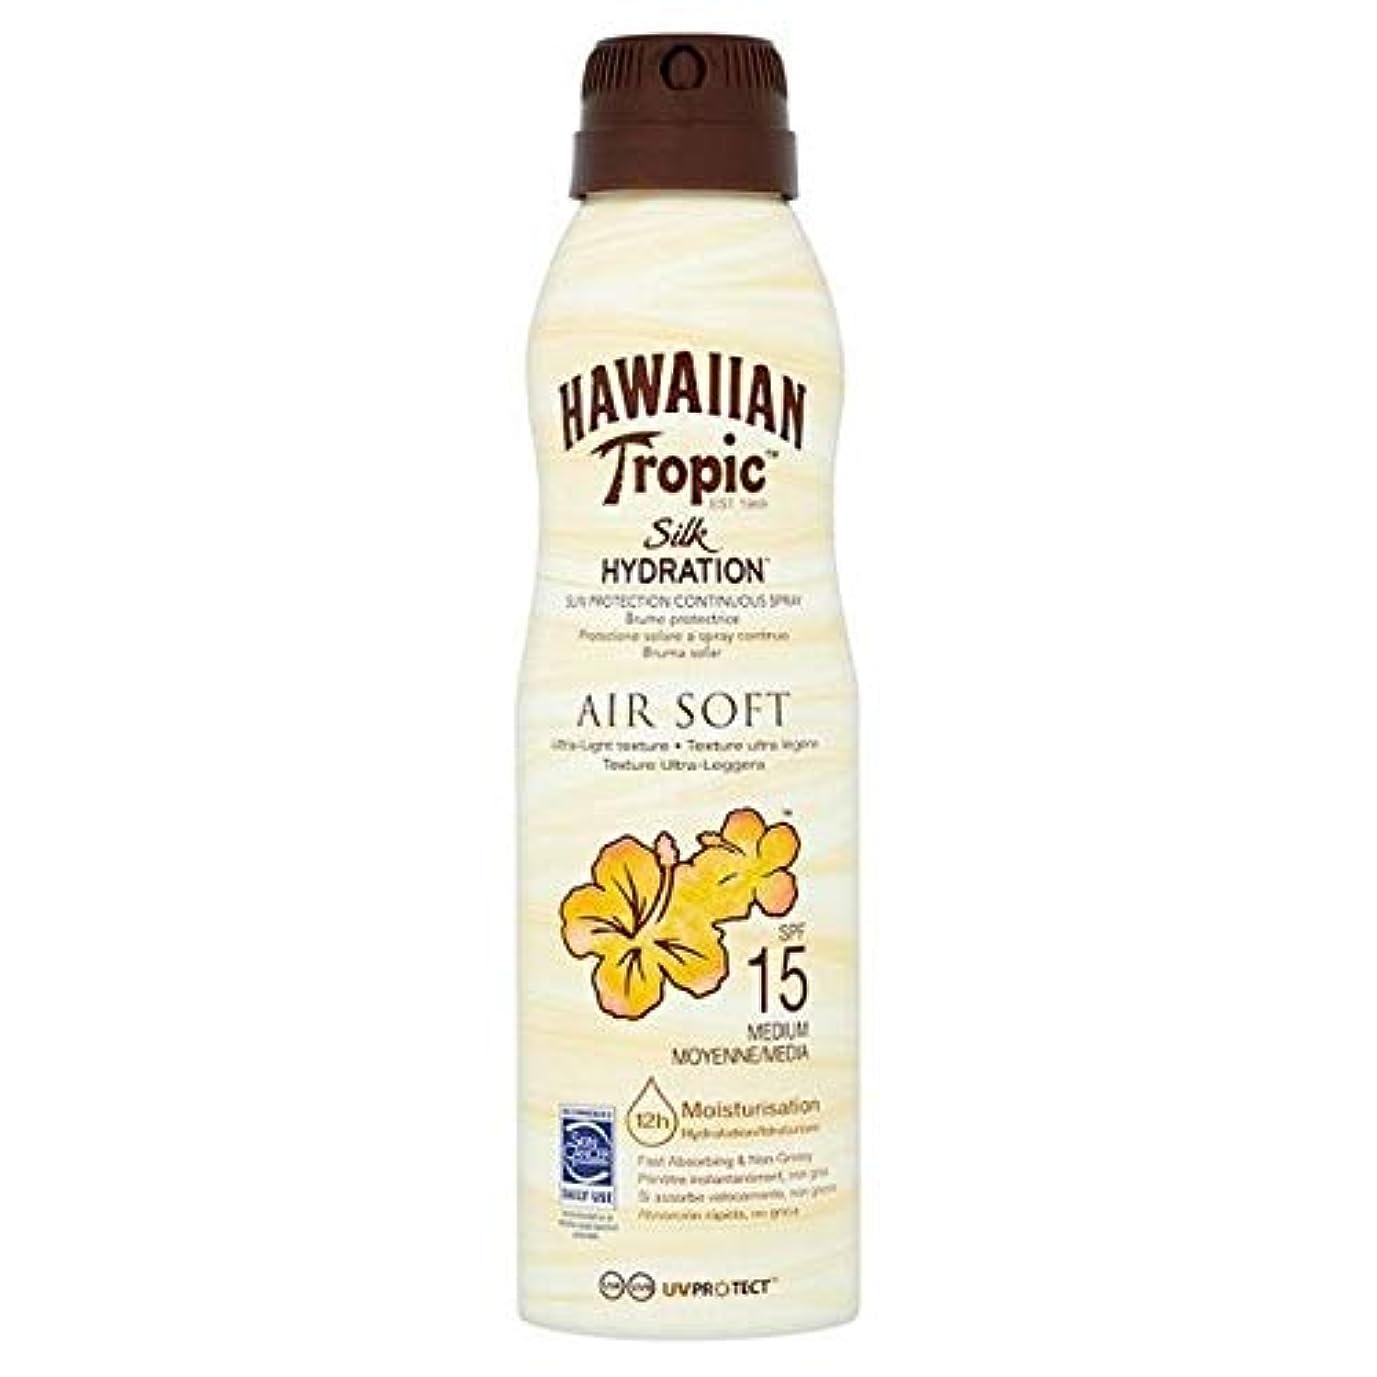 どう?ラリーベルモント閉じる[Hawaiian Tropic ] H /向性絹水和エアガン連続スプレーSpf15の177ミリリットル - H/Tropic Silk Hydration Airsoft Continuous Spray SPF15...